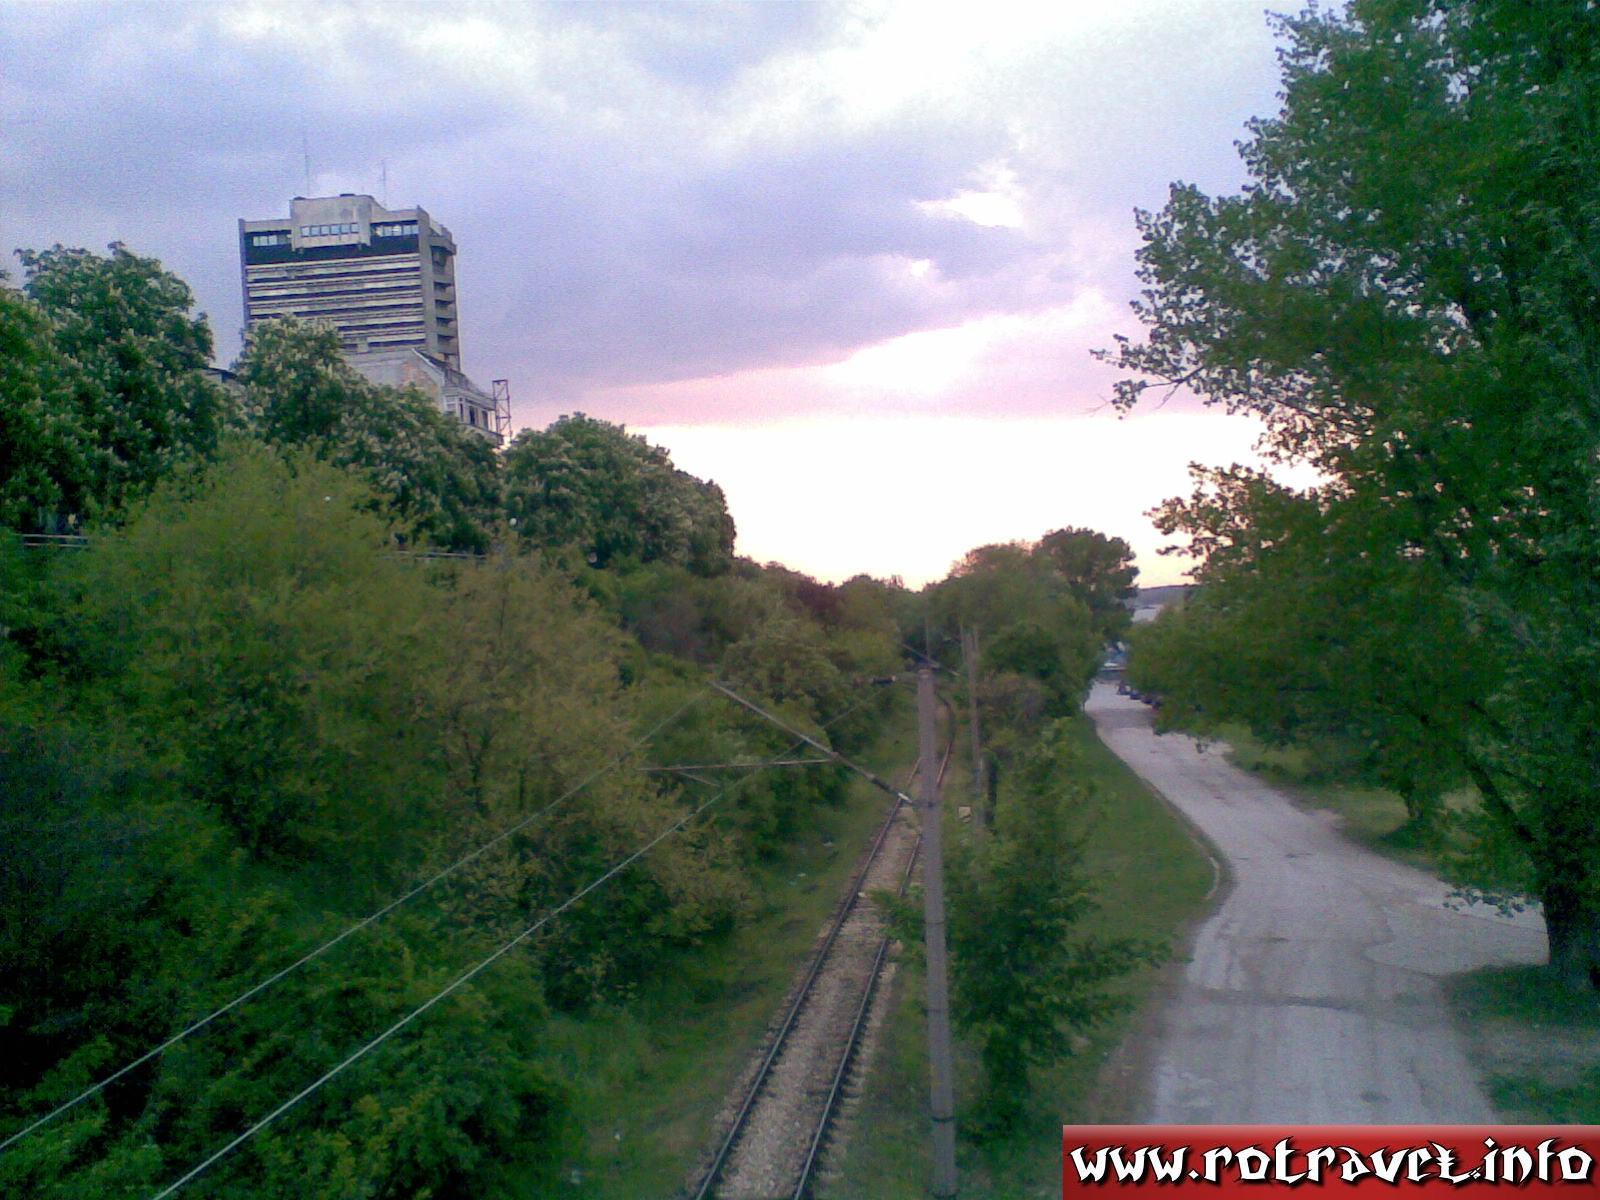 Near to Danube, on a gangway